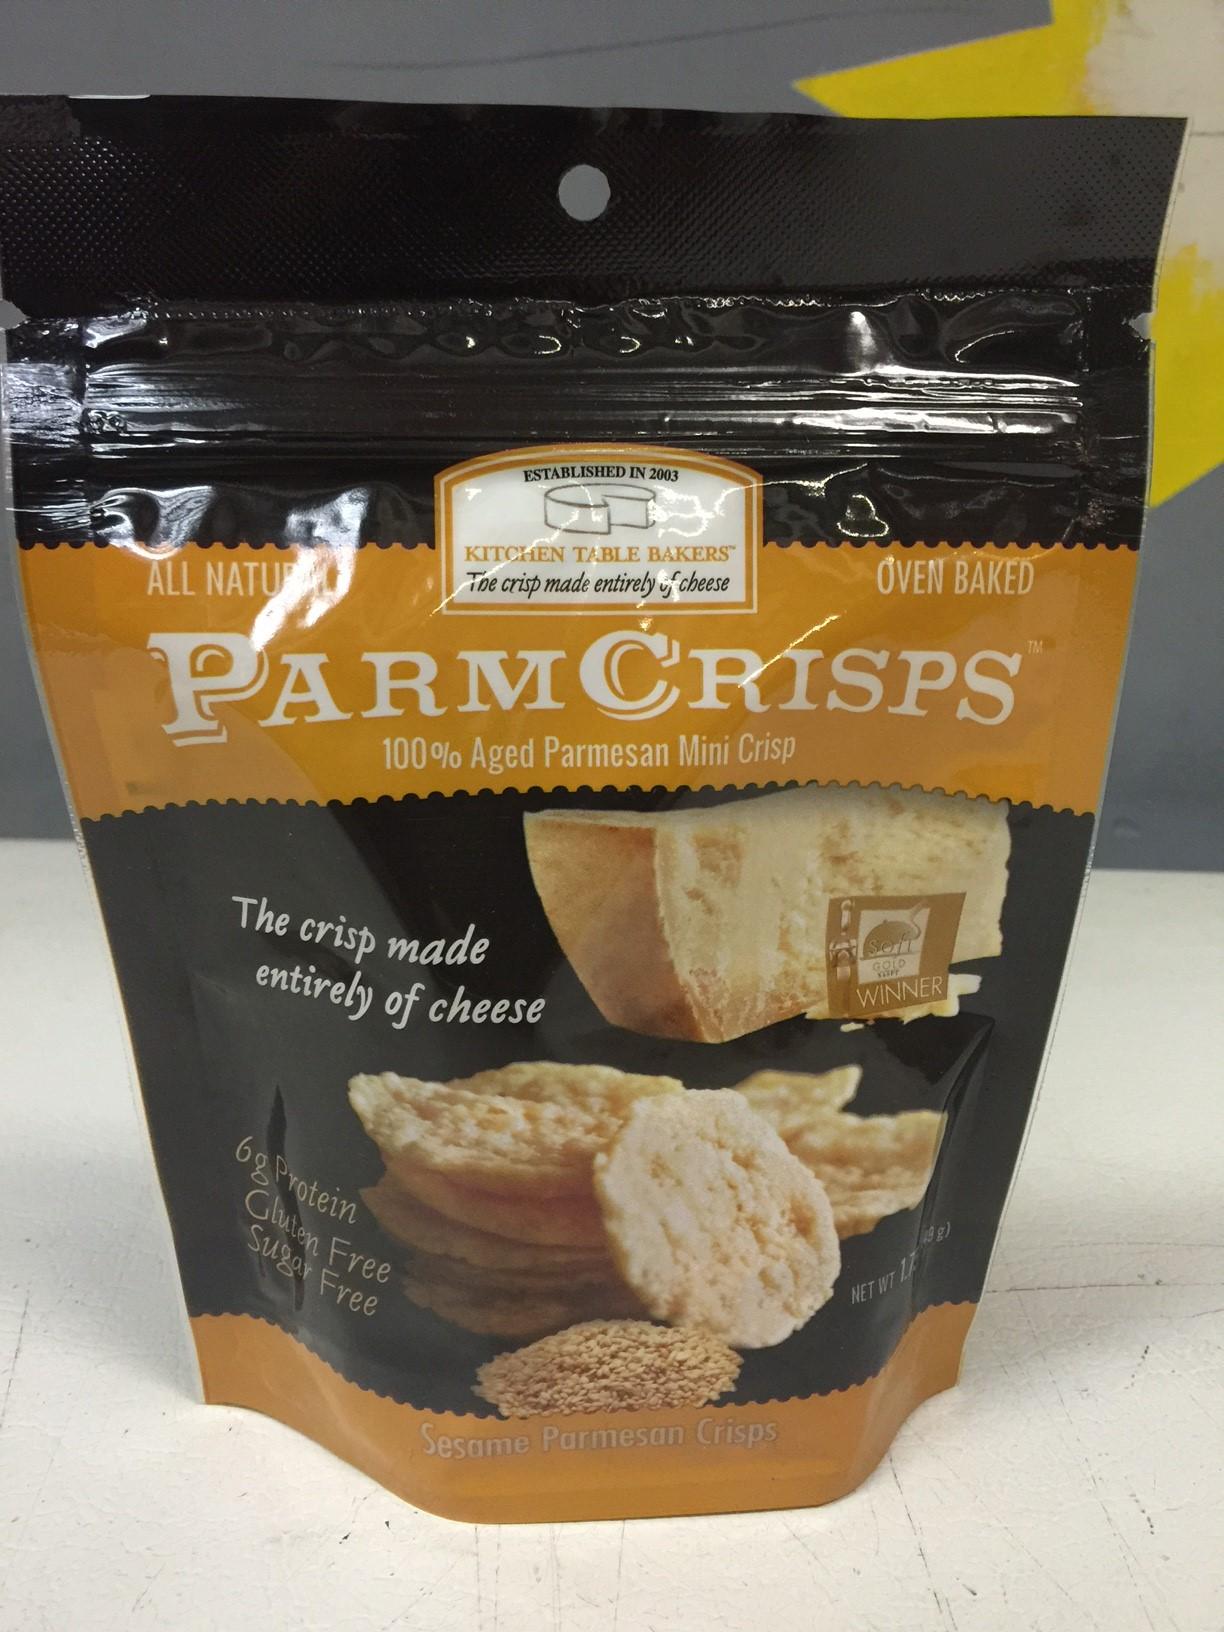 Parm Crisps/Kitchen Table Bakers Sesame Mini Crisps